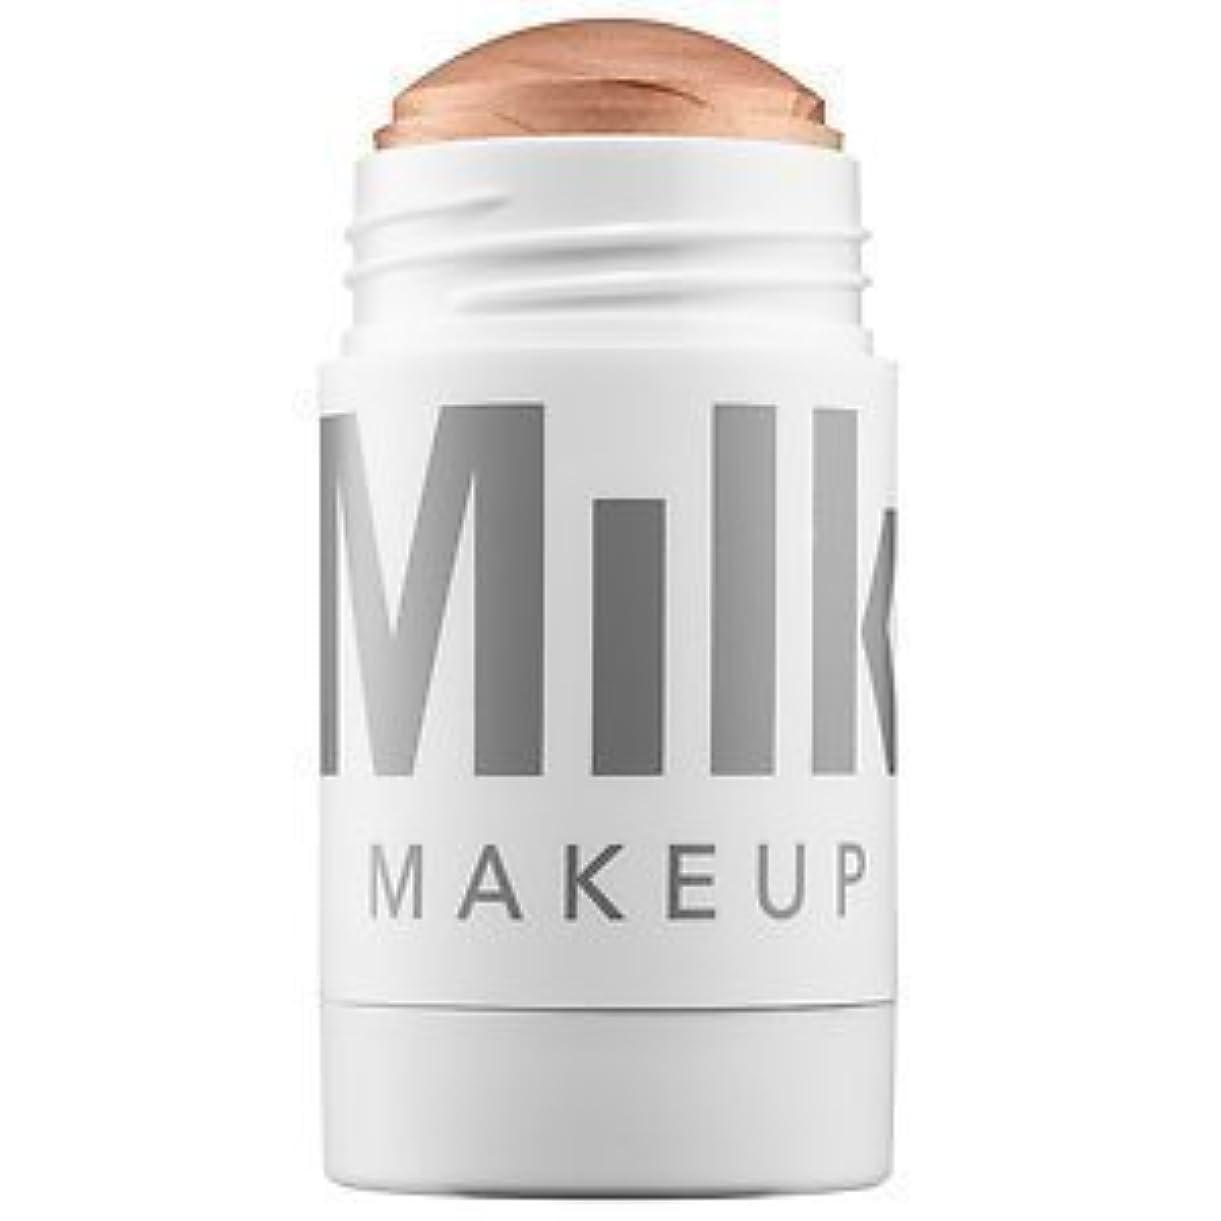 豚肉弁護幽霊Milk Makeup Highlighter Full Size Color: Lit - Champagne Pearl 1 oz 28 g [並行輸入品]